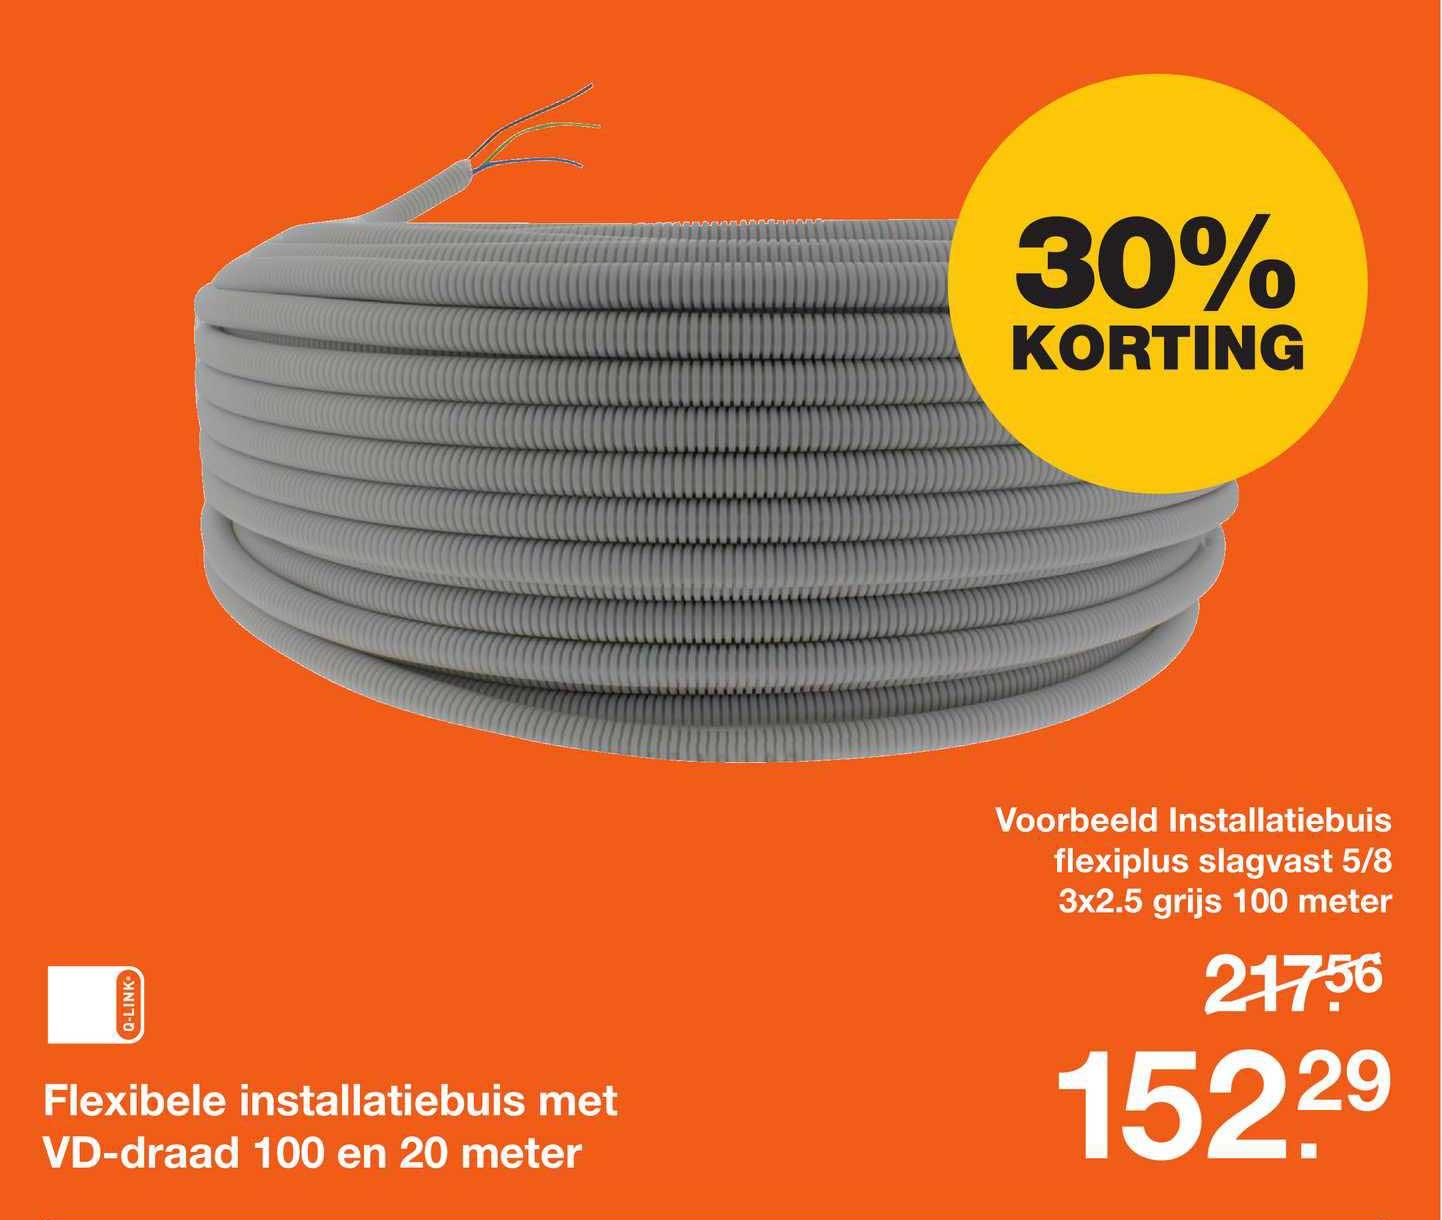 Bouwmaat Flexibele Installatiebuis Met VD-Draad 100 En 20 Meter 30% Korting